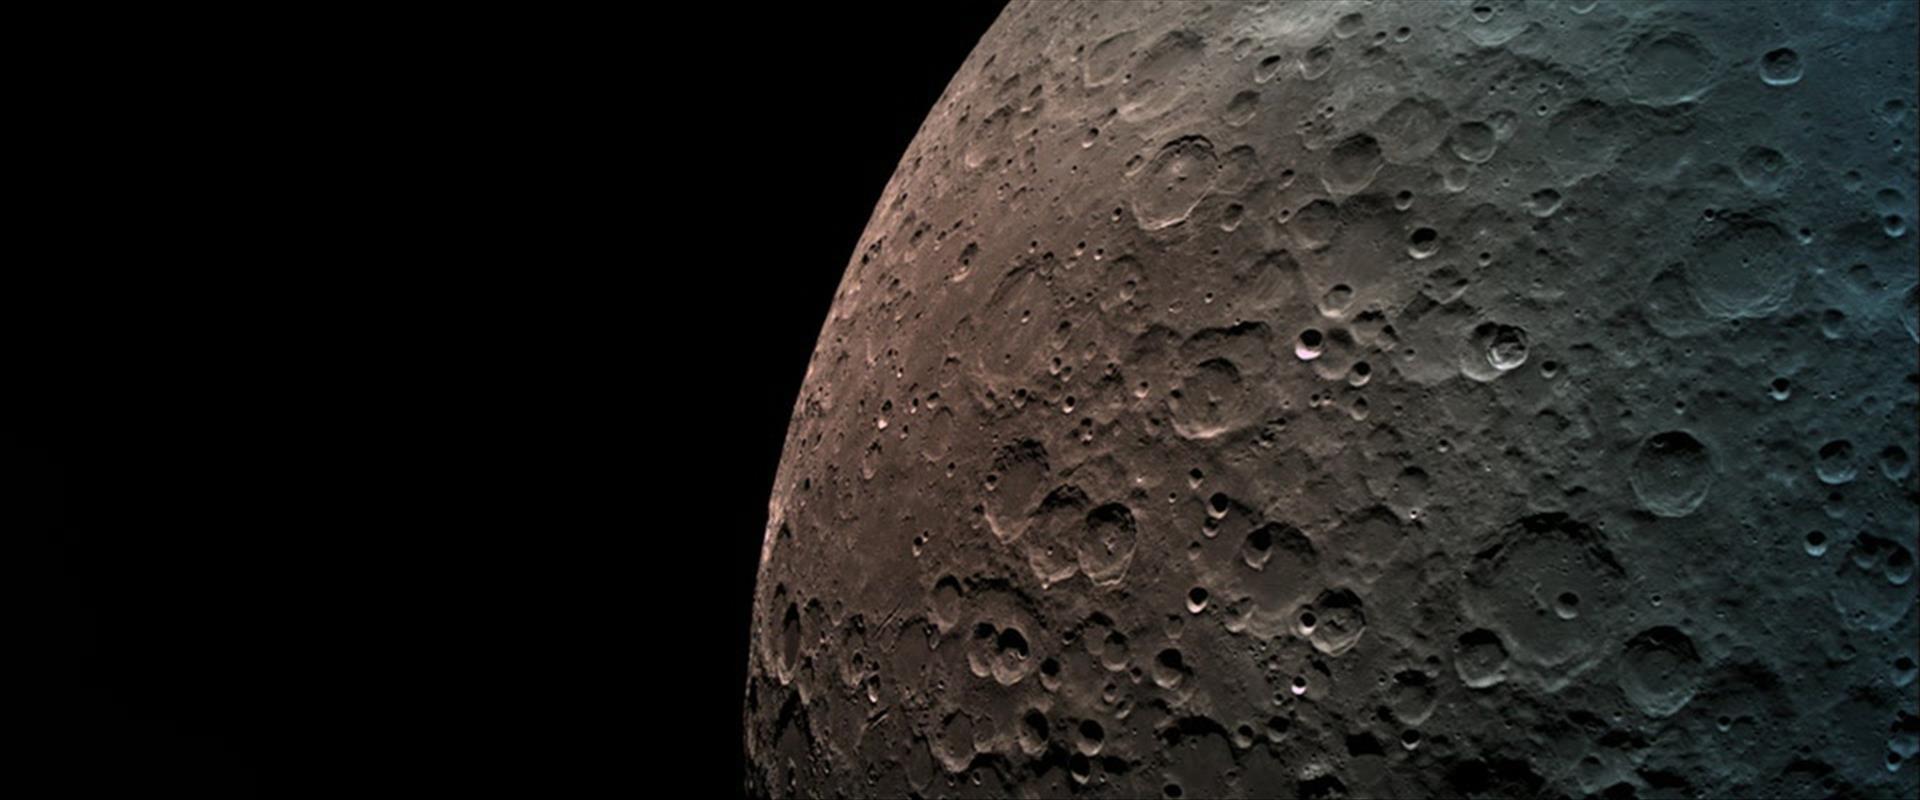 הירח כפי שצולם מהחללית בראשית